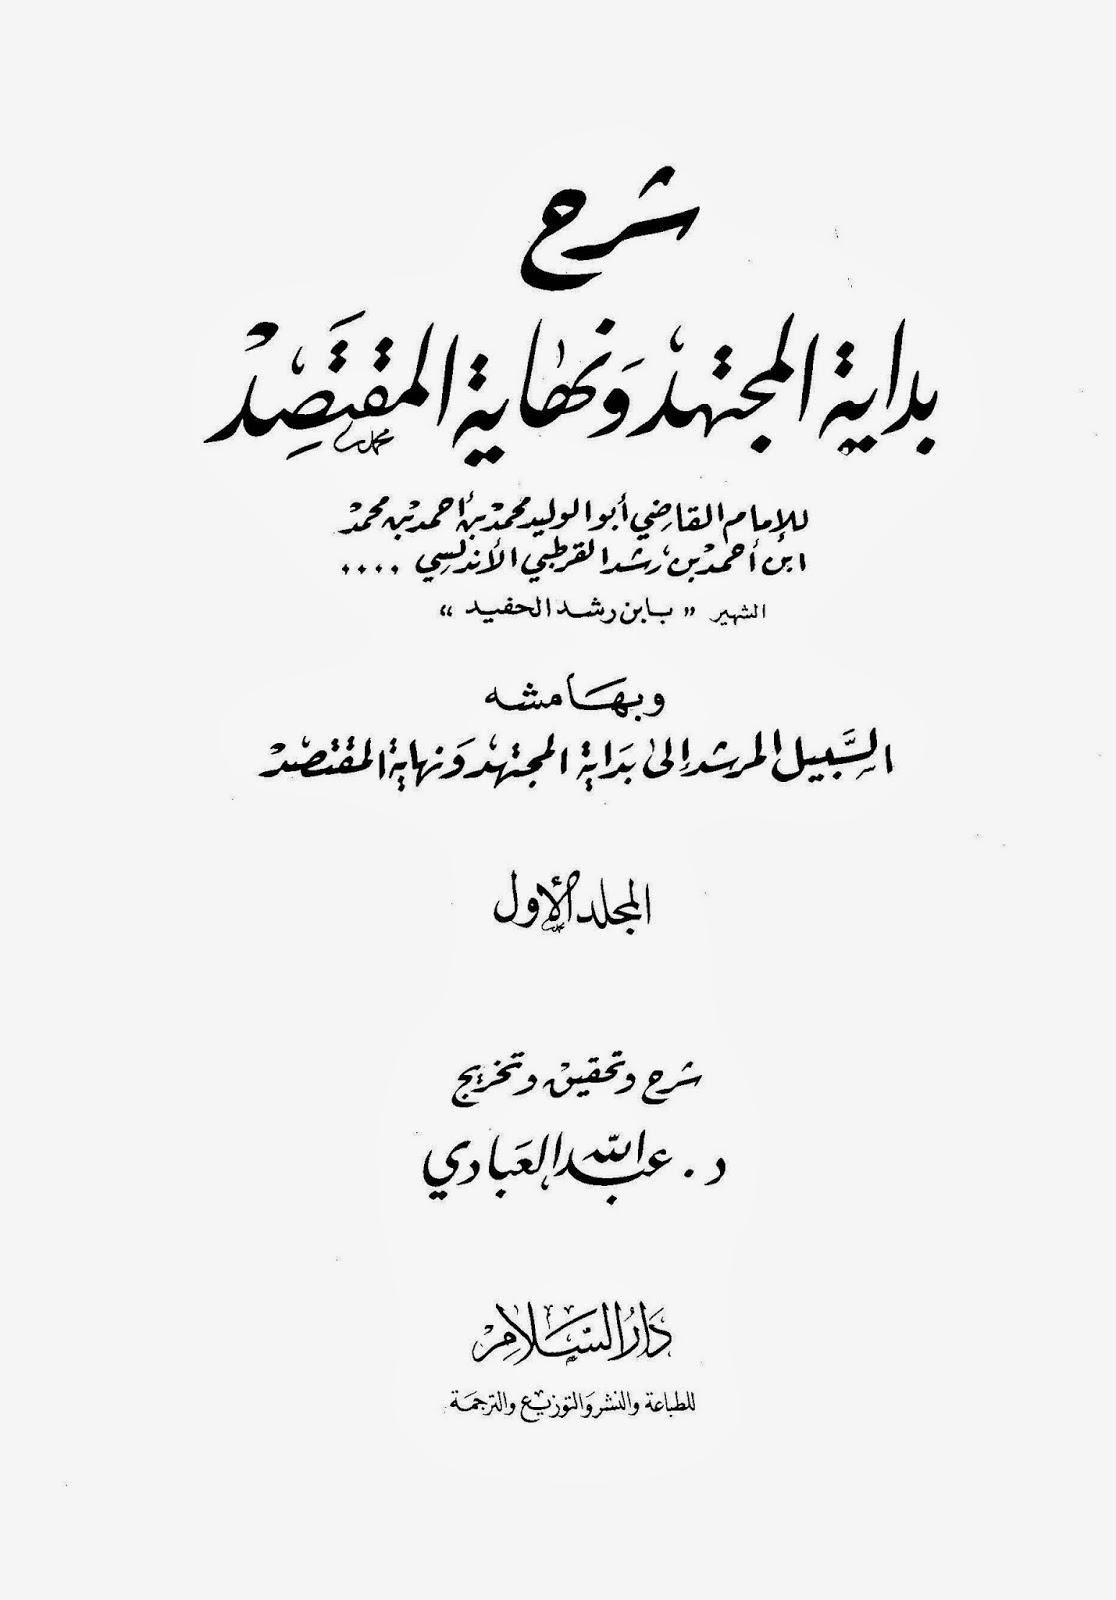 شرح بداية المجتهد ونهاية المقتصد لأبي الوليد بن رشد - عبد الله العبادي pdf